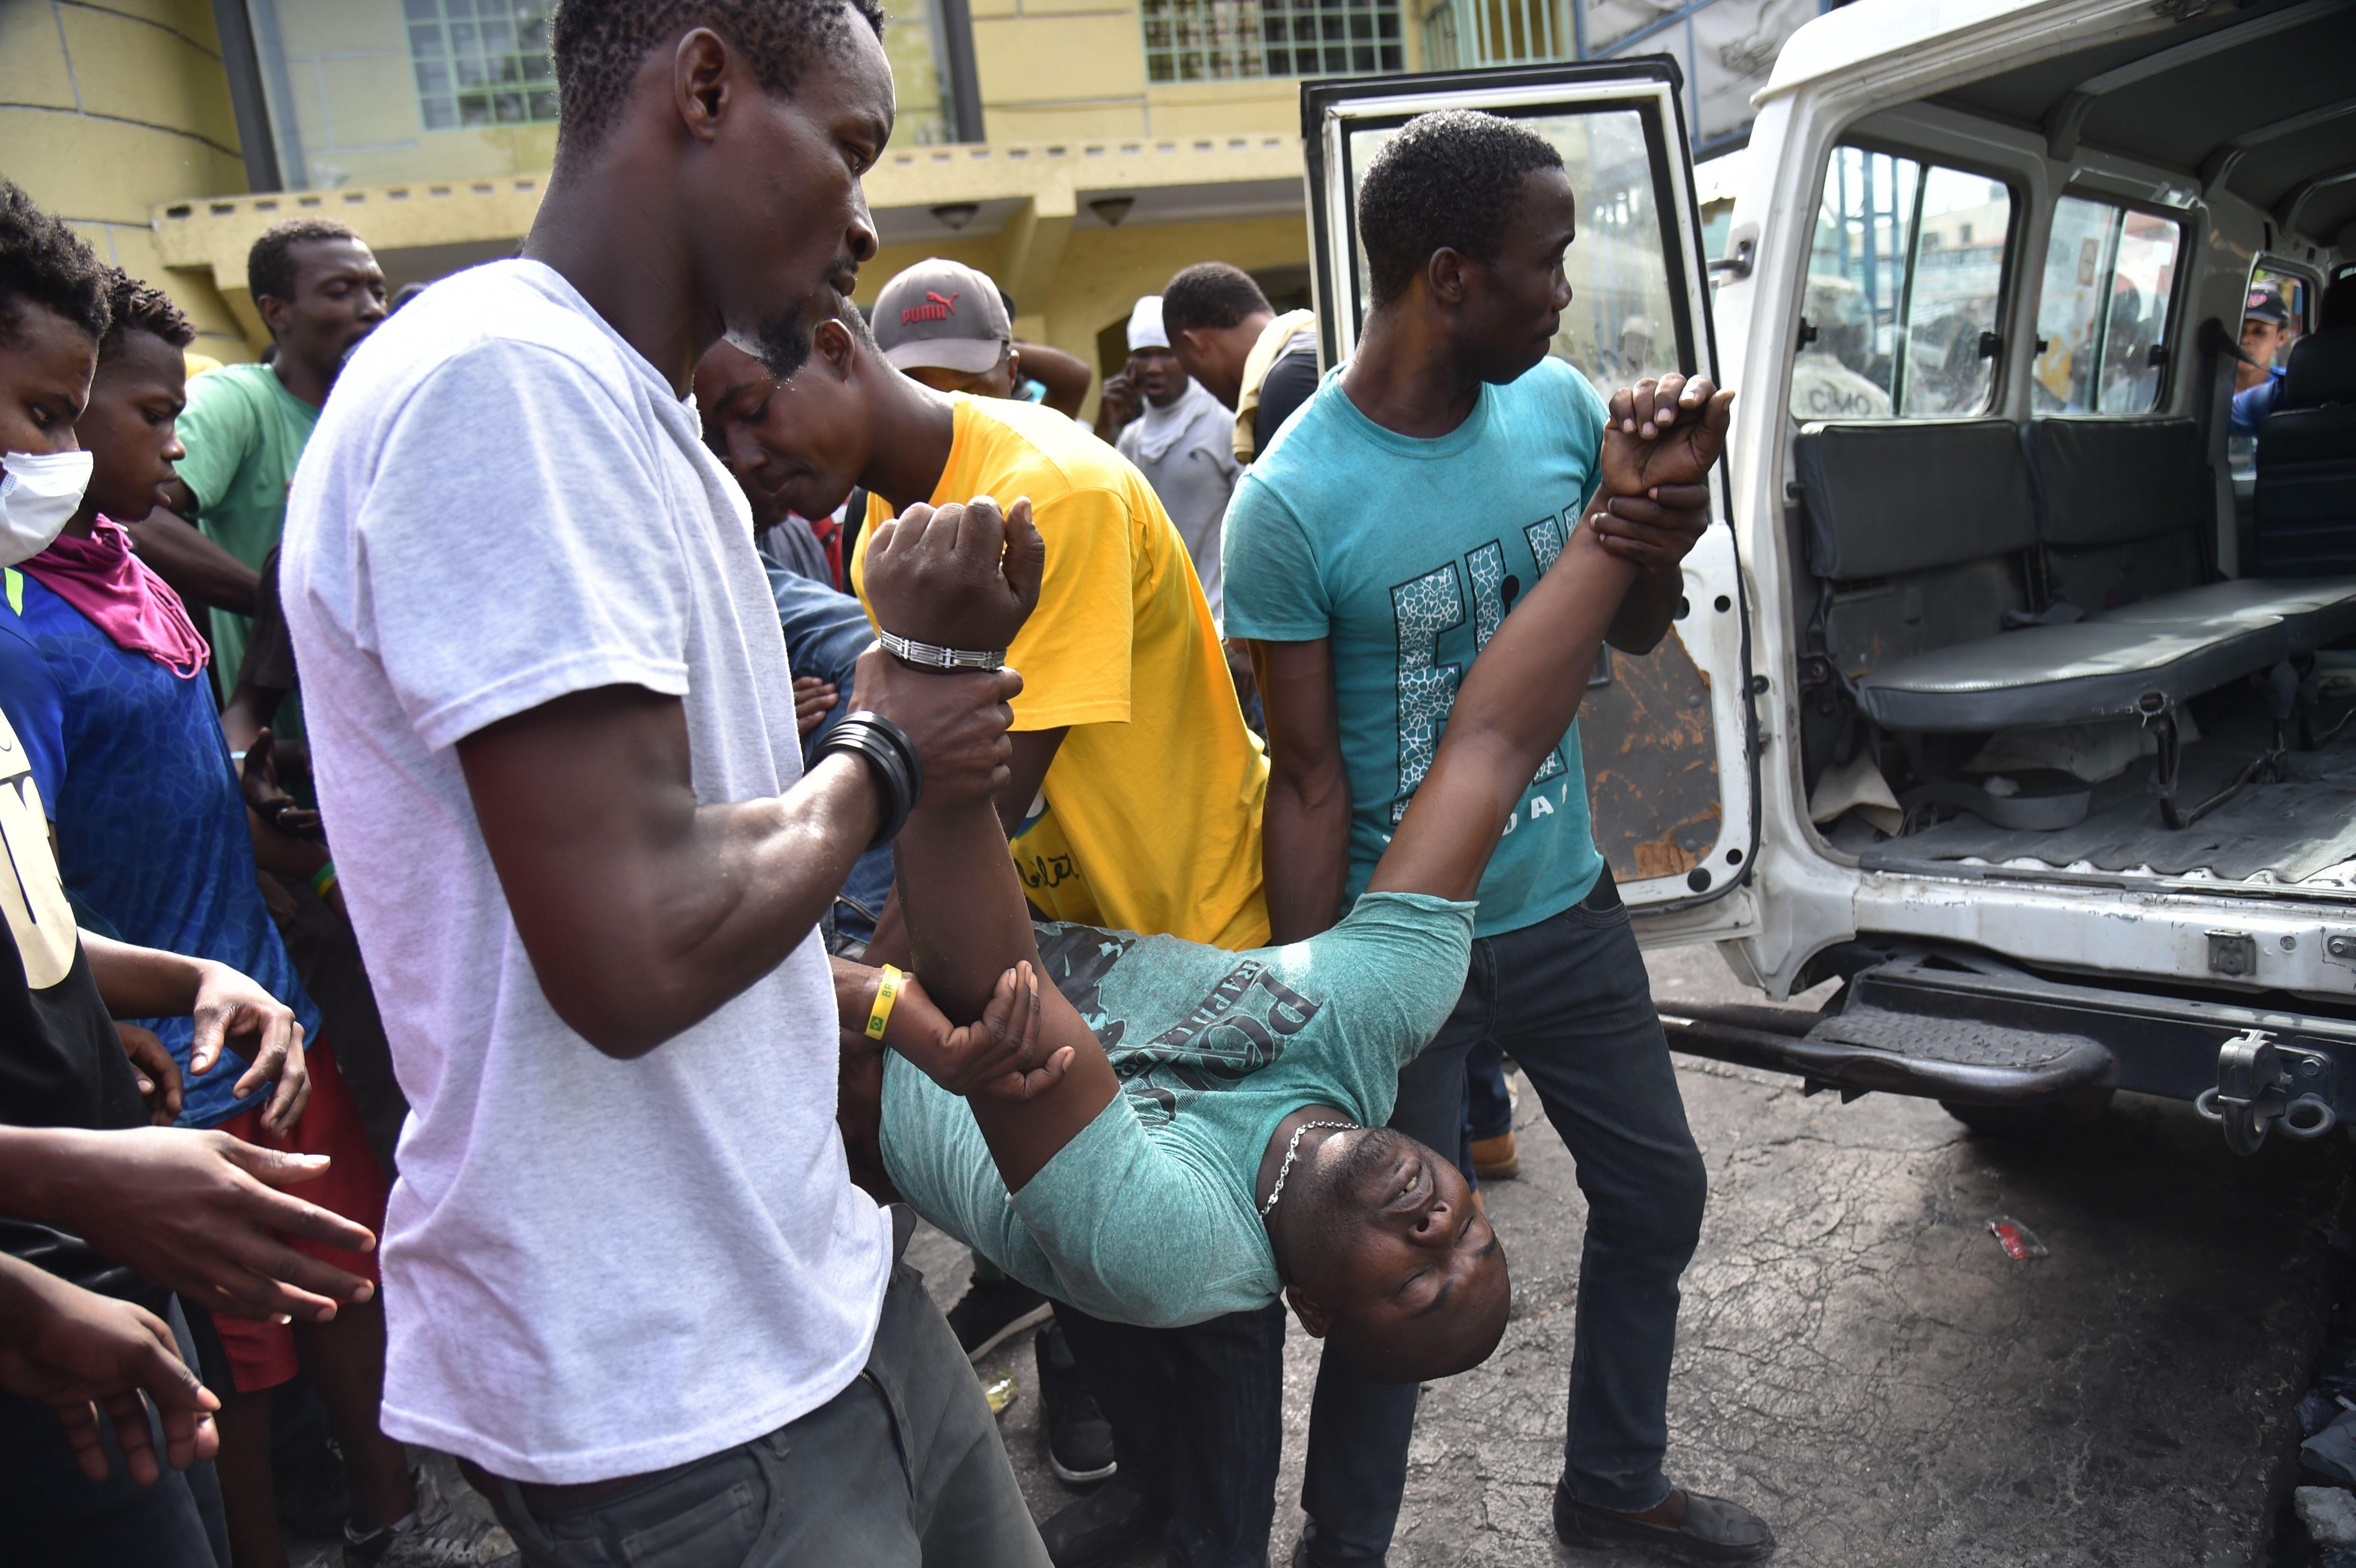 أحد المصابين جراء الاشتباكات